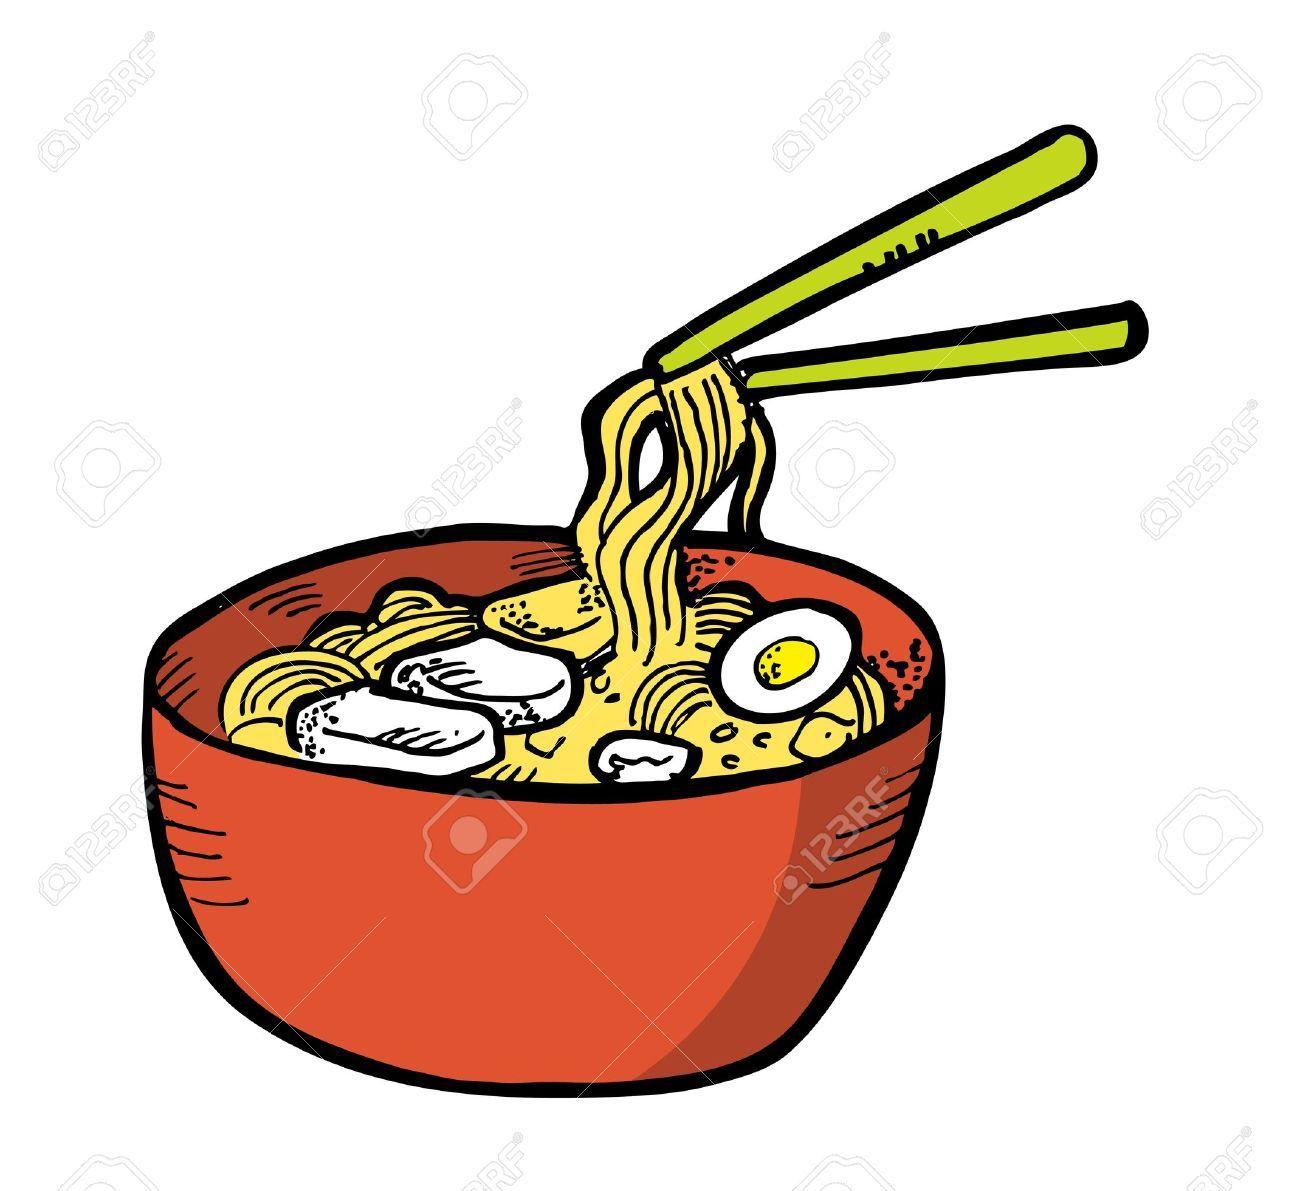 Ca f d b. Noodles clipart